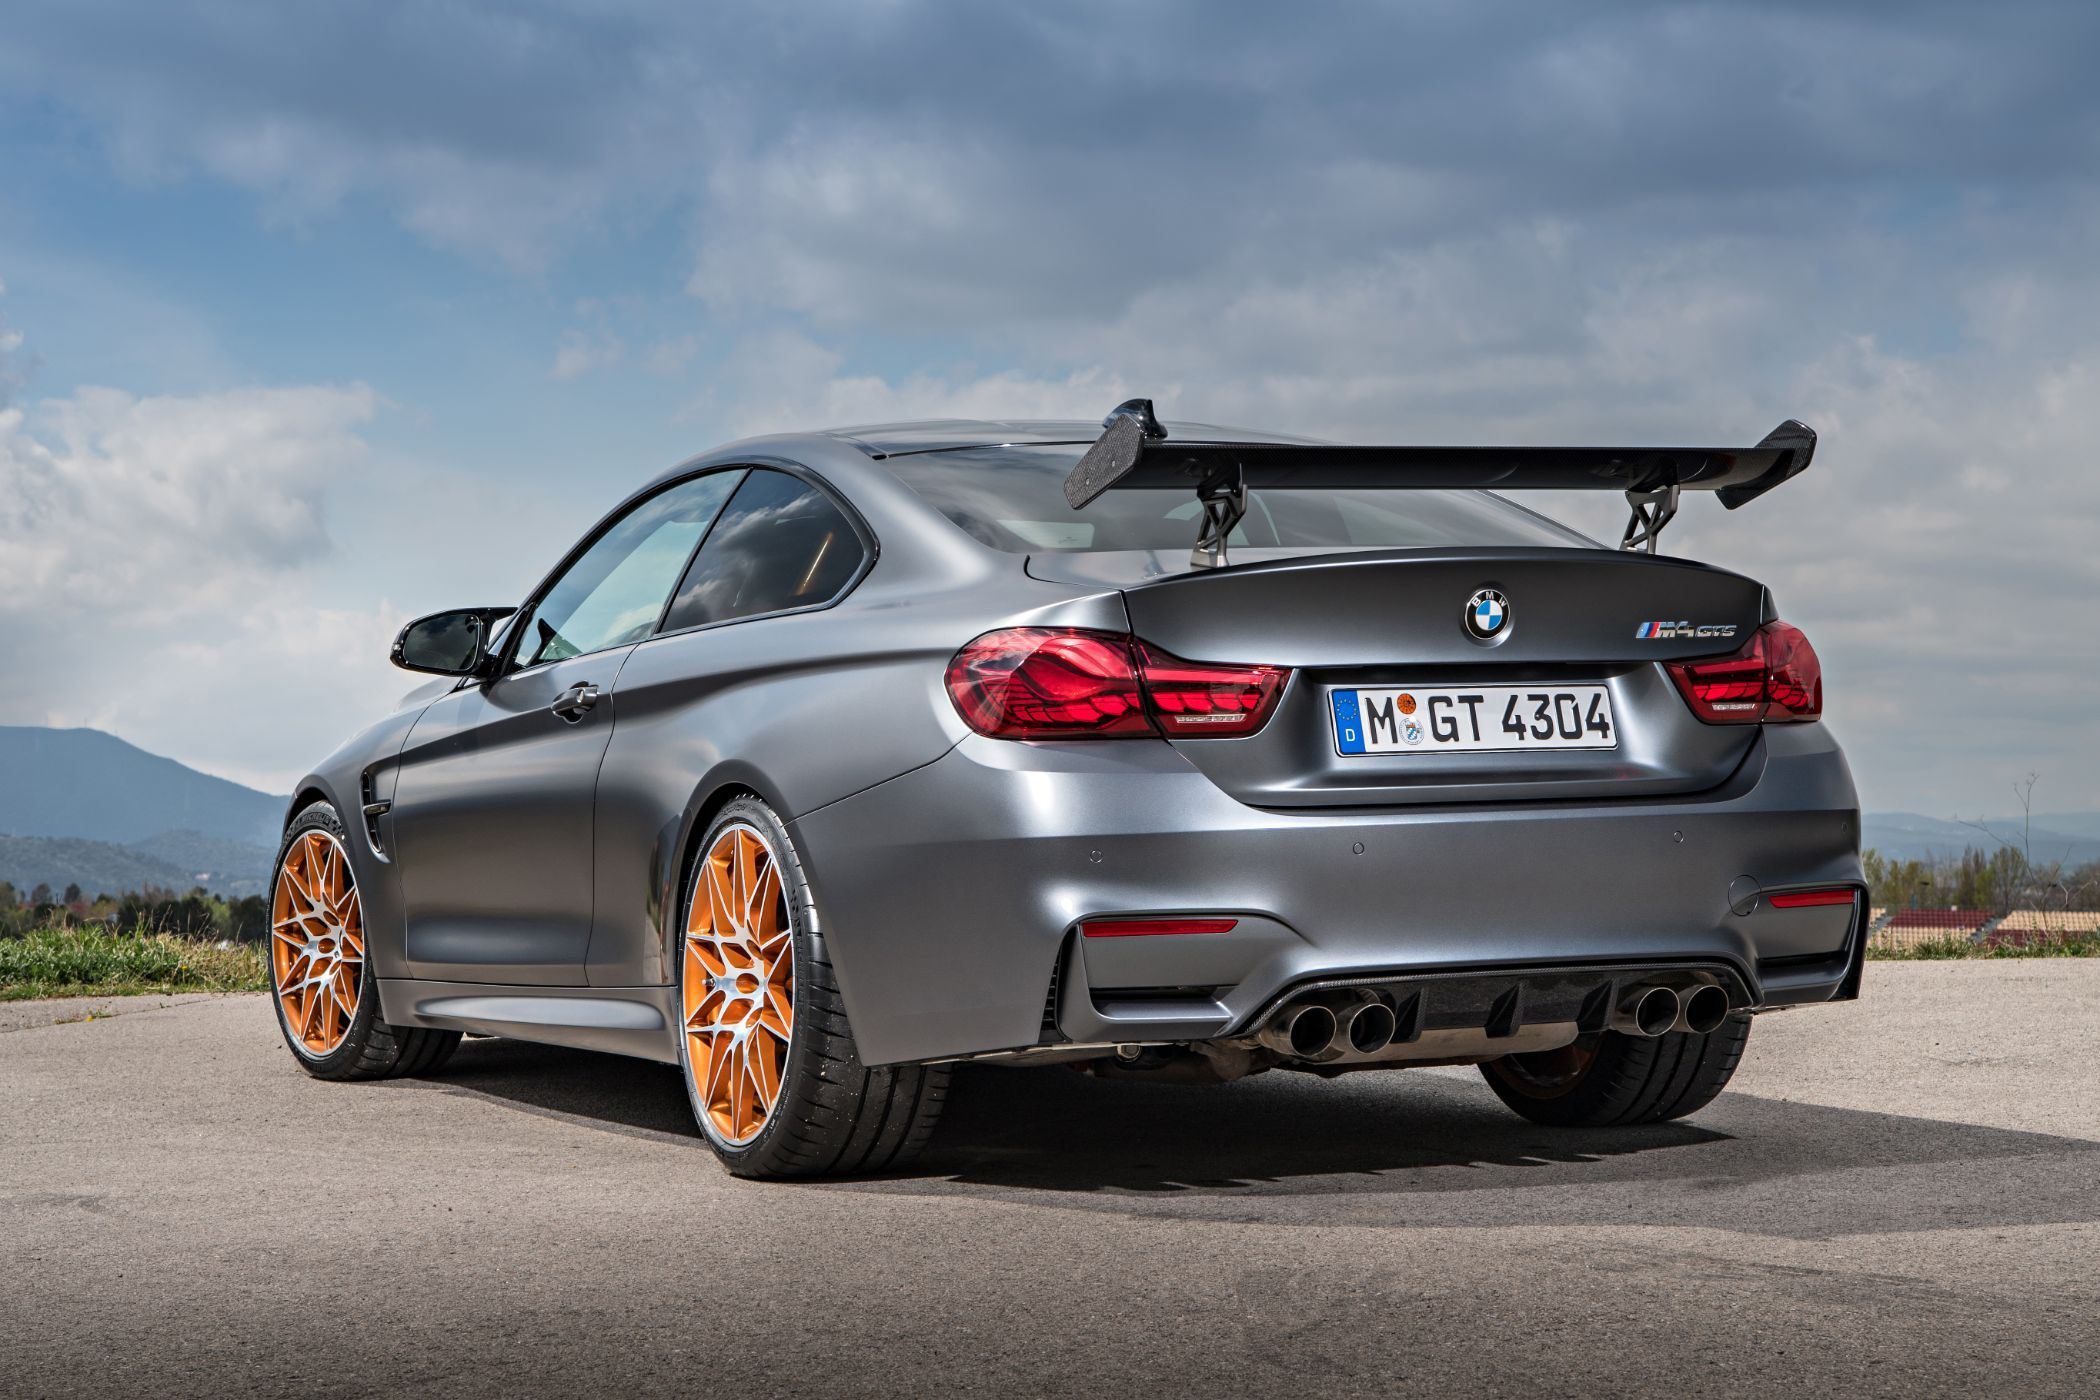 2021 BMW M4 Gts Wallpaper